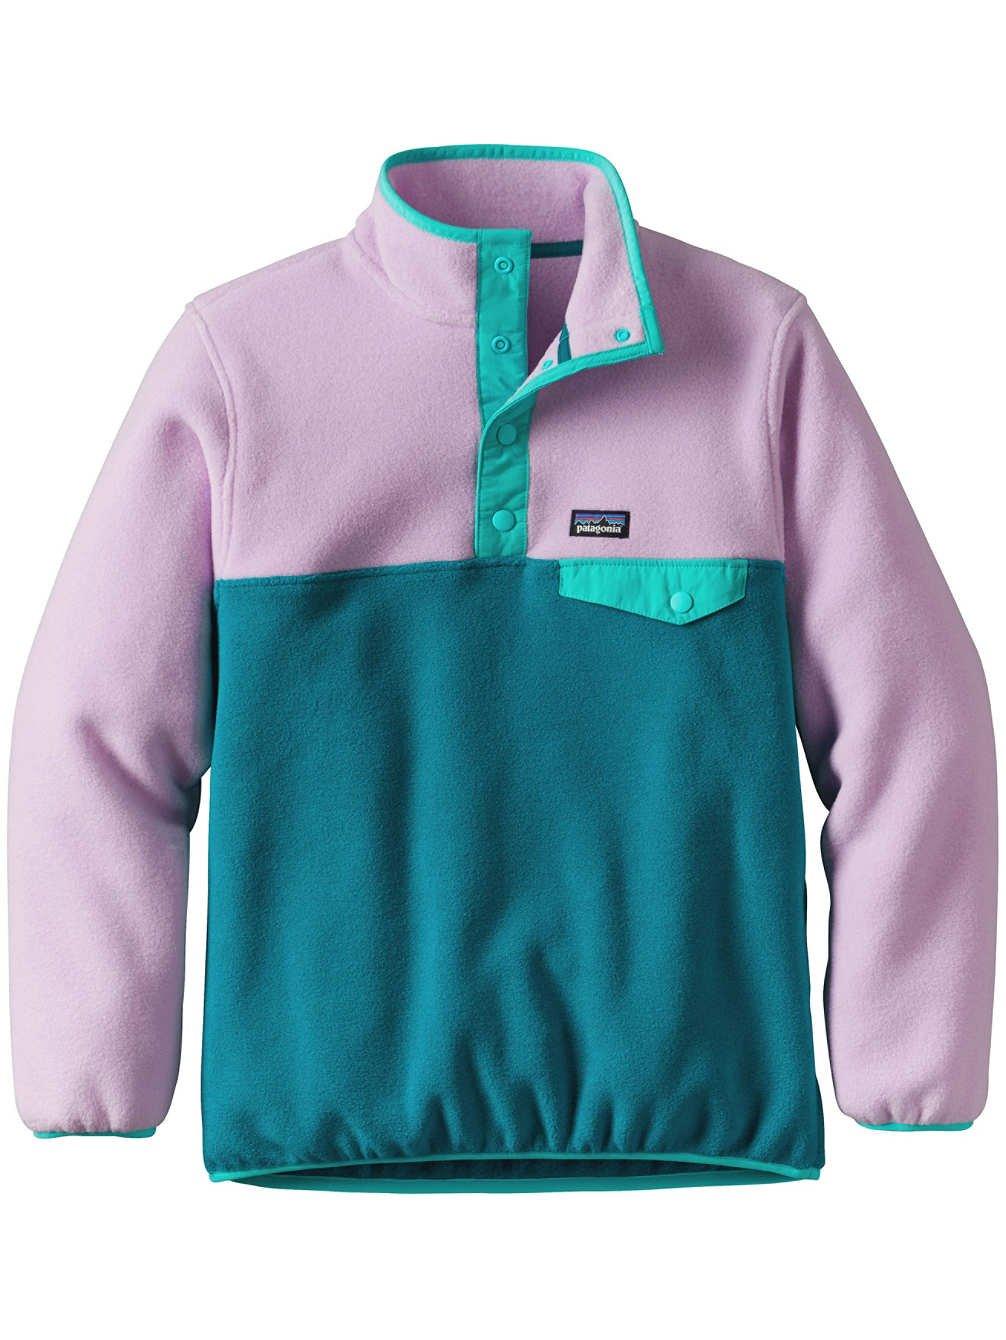 Patagonia G LW Synchilla Snap-T Pullover Sweatshirt Elwha Blue Girls XL